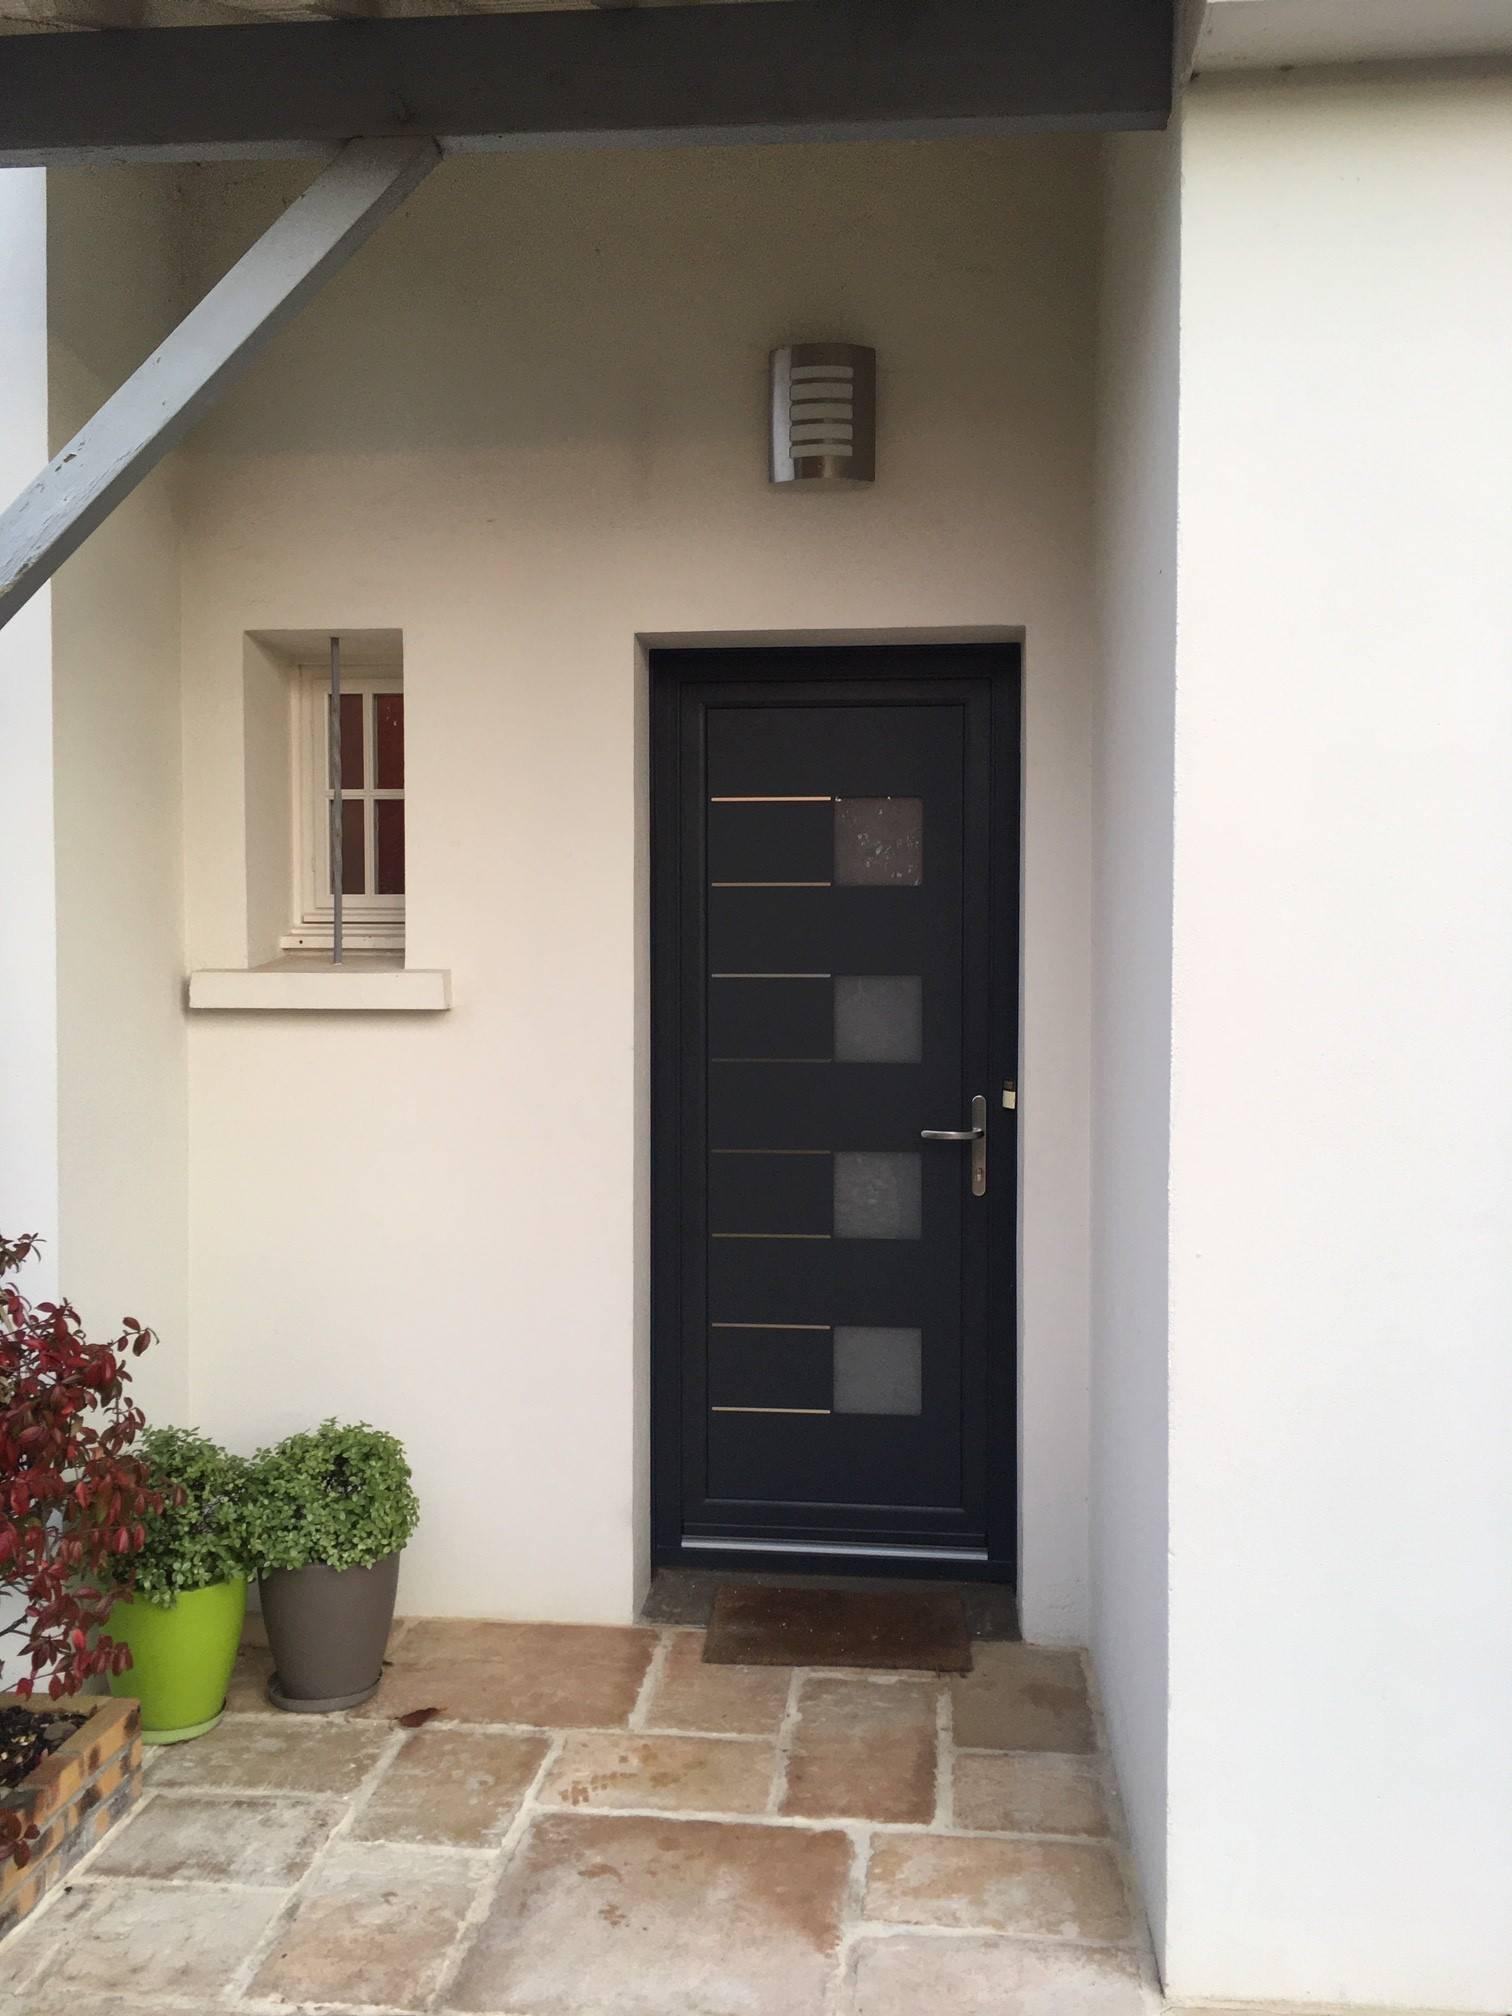 Couleur Porte Interieur Blanc Gris porte d'entrée aluminium bi-couleur : blanc intérieur / gris